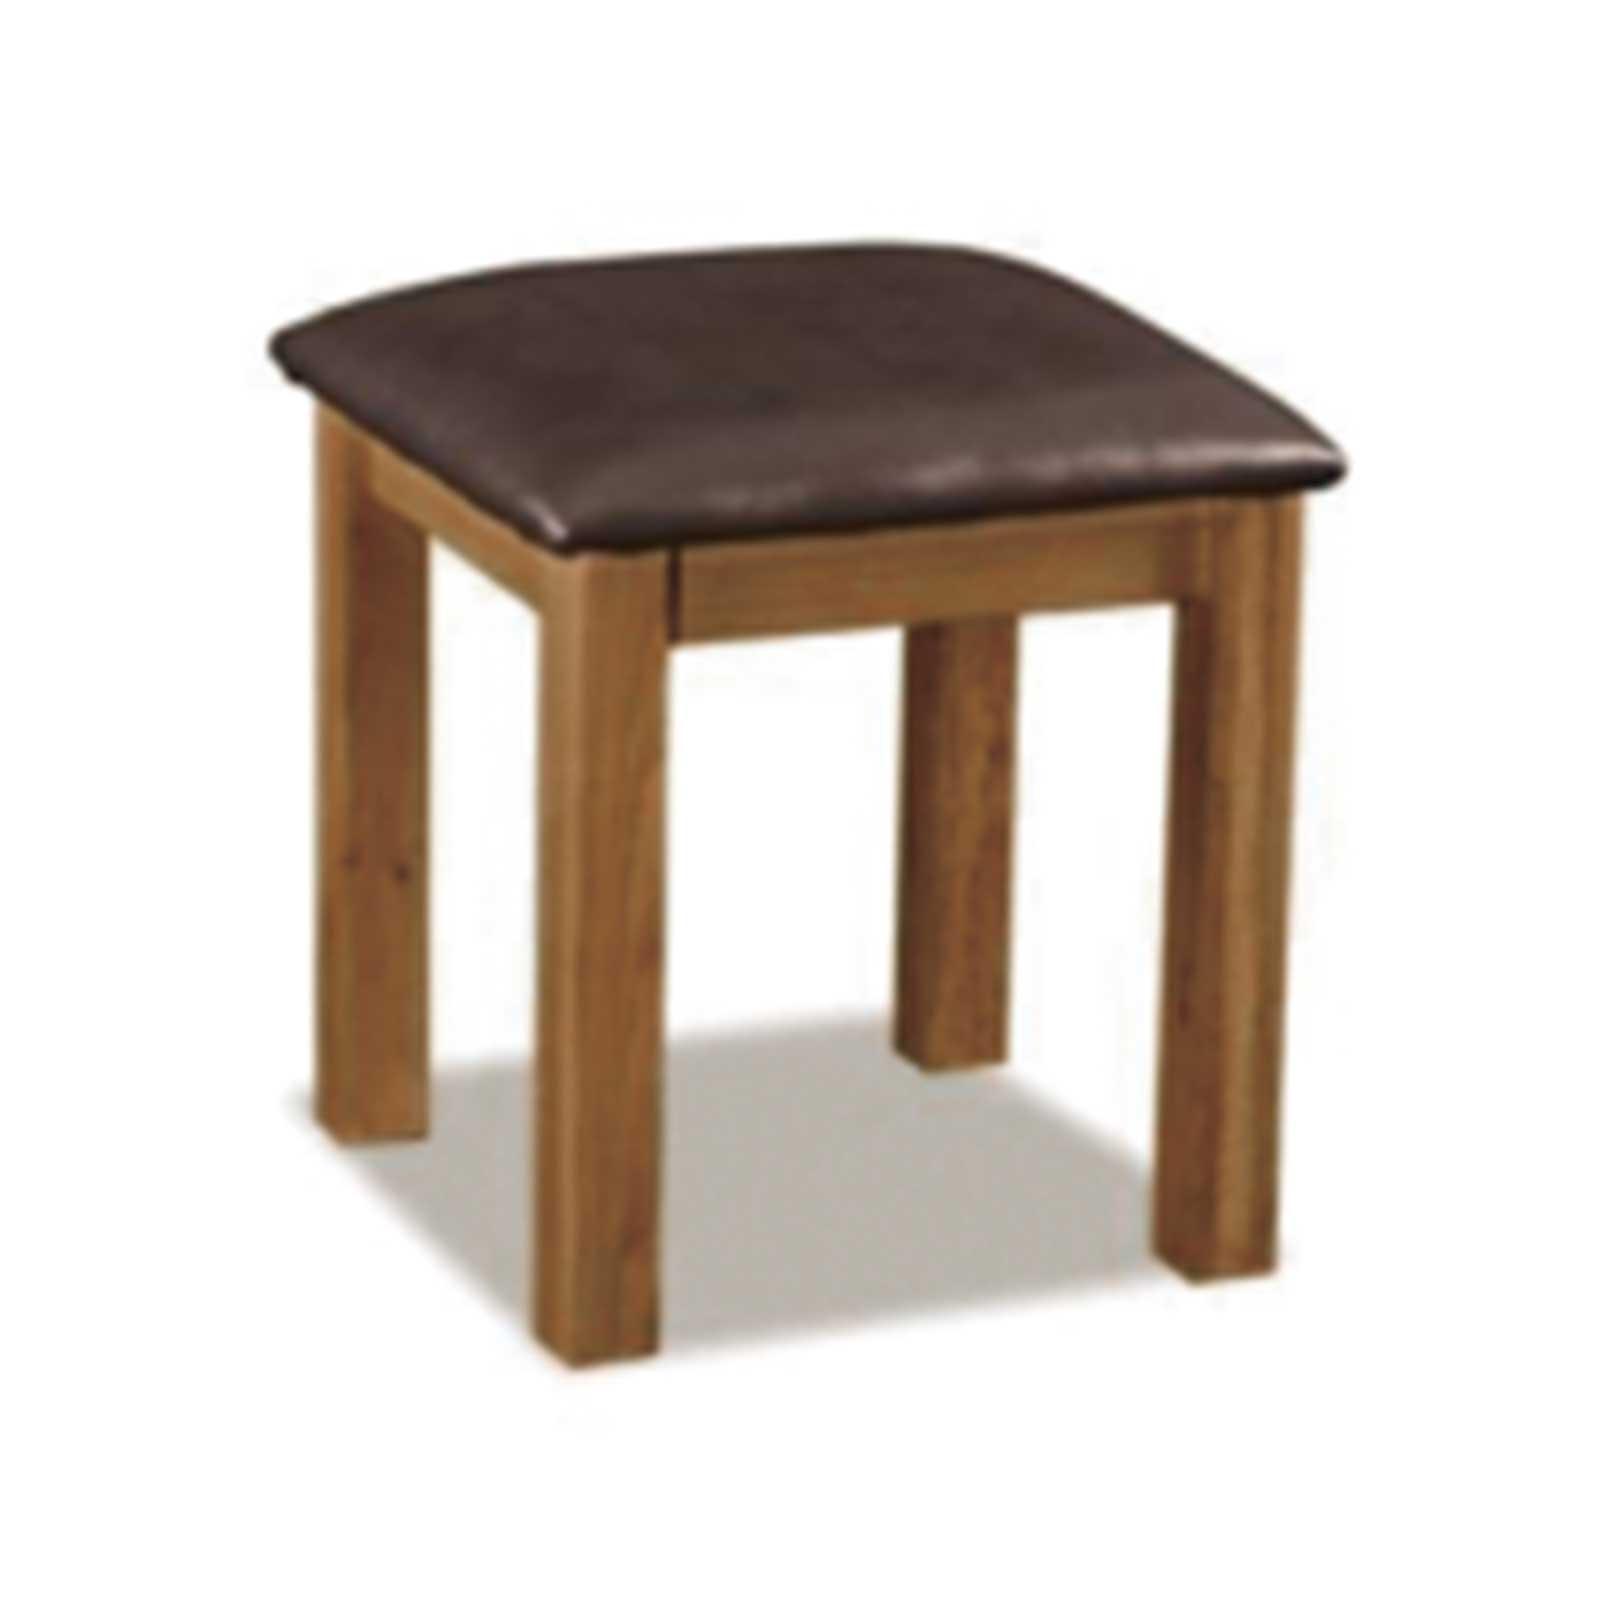 Tavistock Oak Stool with Bi-Cast Leather Seat